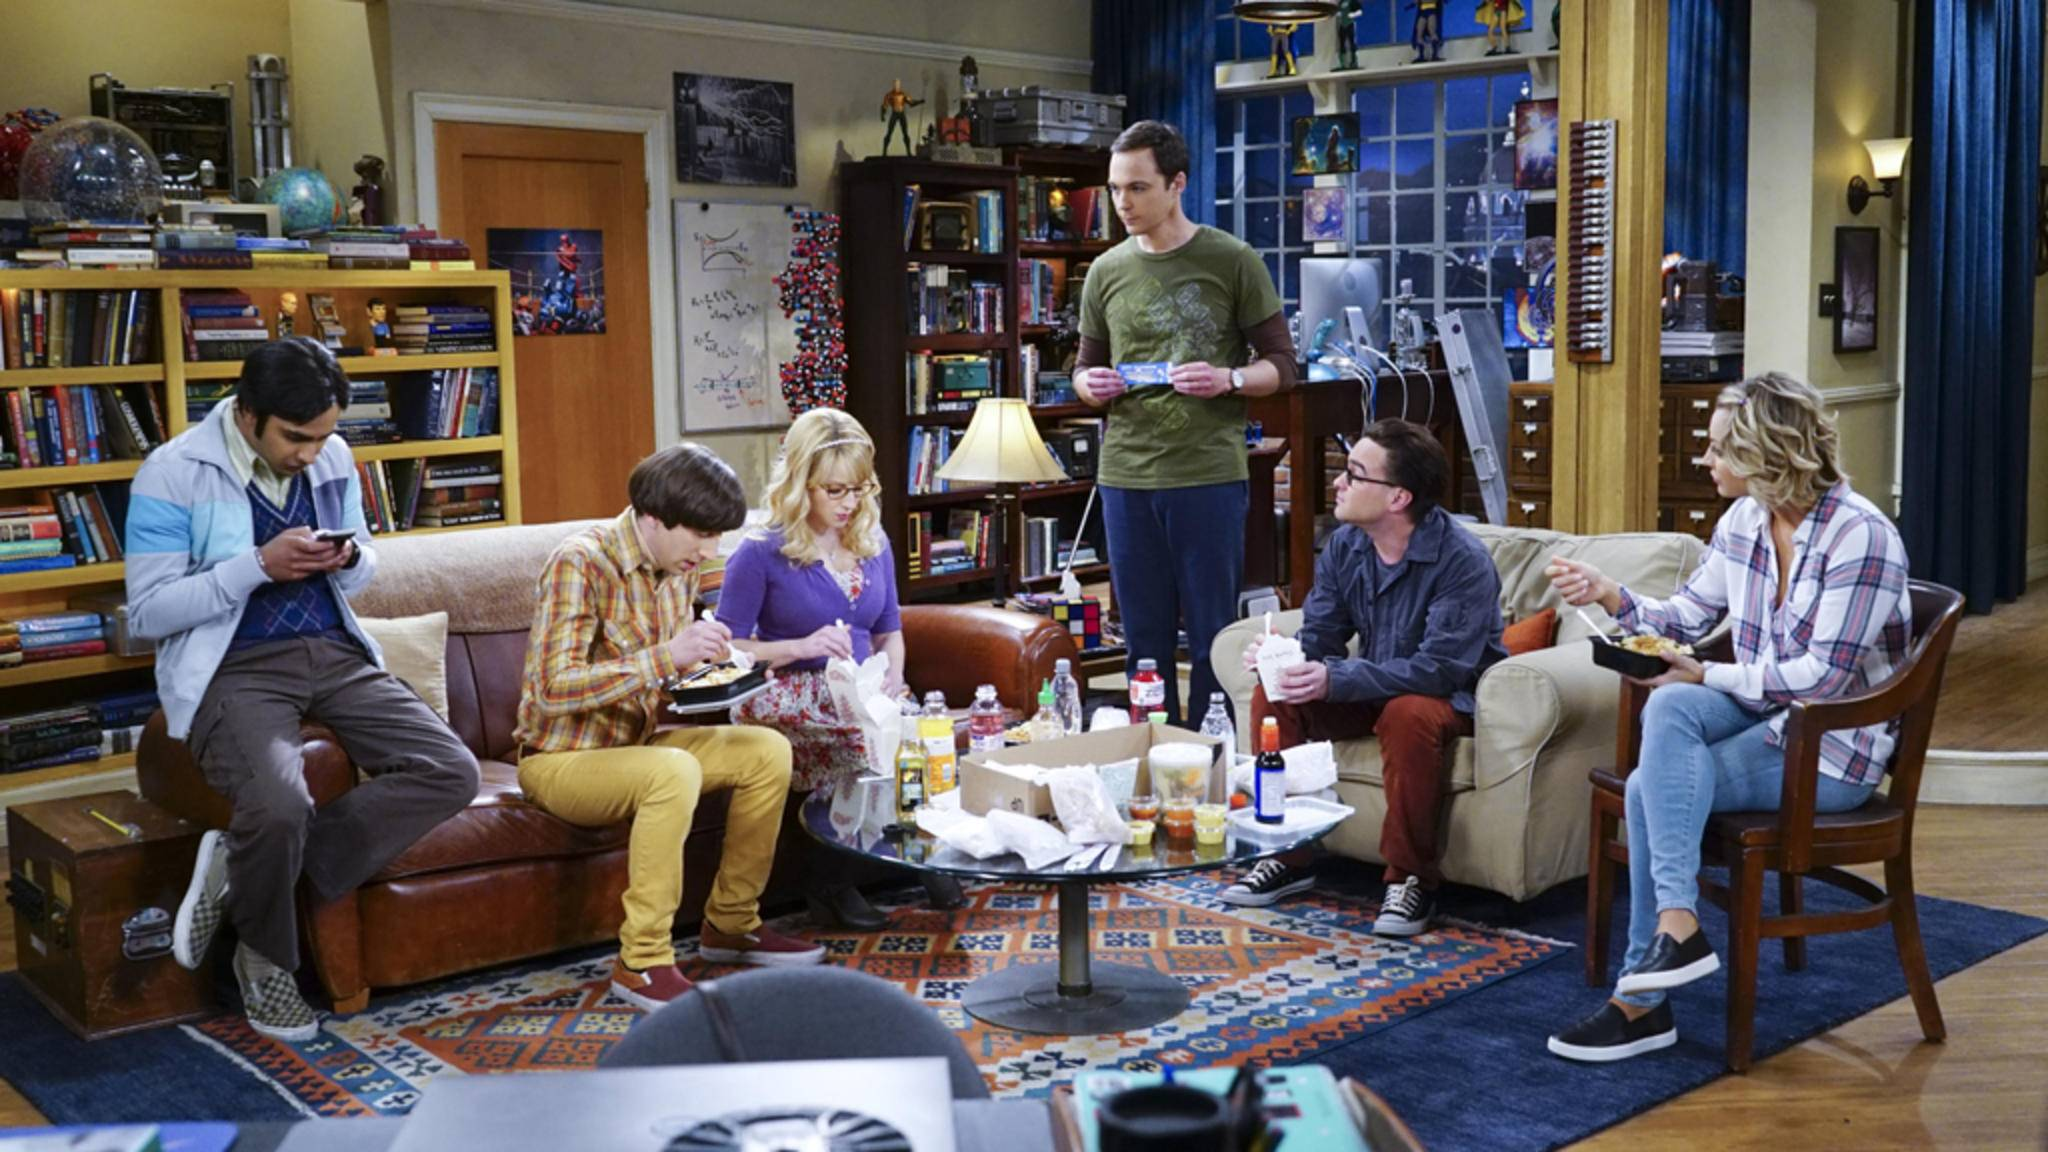 In diese Wohnung würden viele Serien-Fans nur zu gerne einziehen.